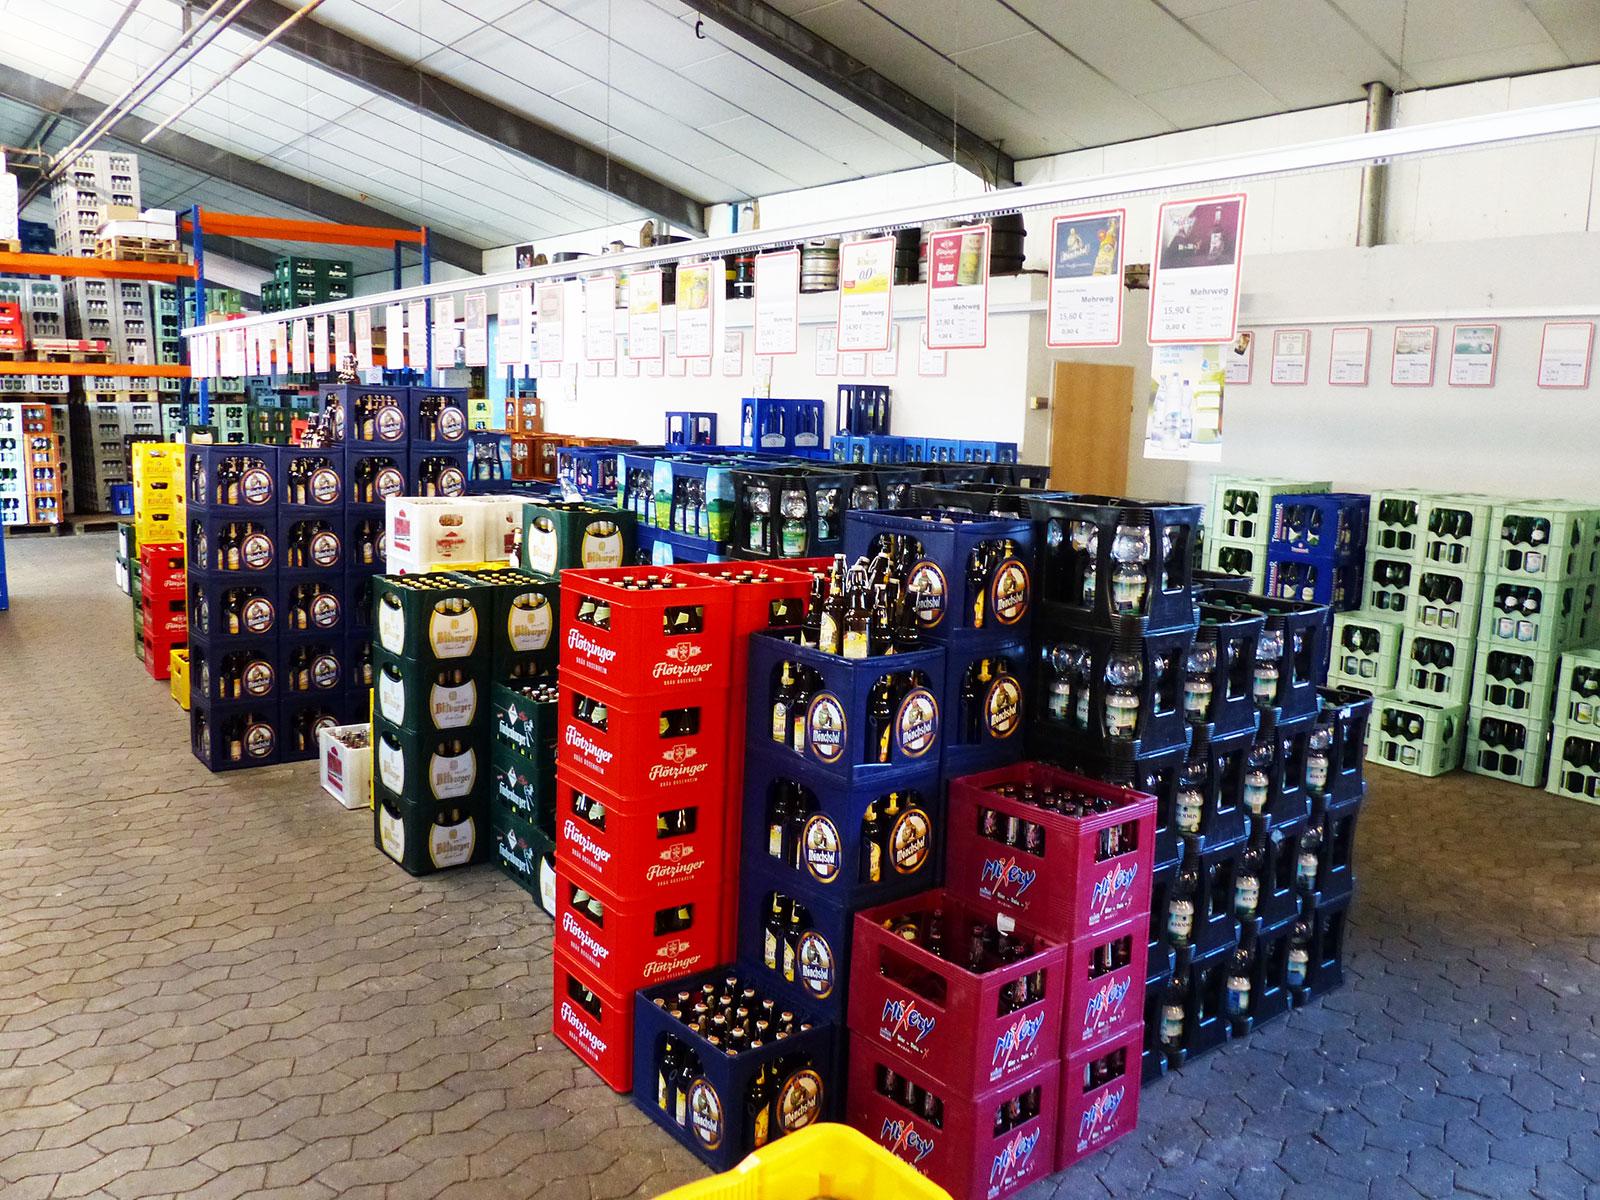 Getränke liefern lassen für gewerbliche und private Kundinnen & Kunden von Getränke Zappei - Der Spezialist rund um Ihren Durst in Cochem Sehl an der Mosel